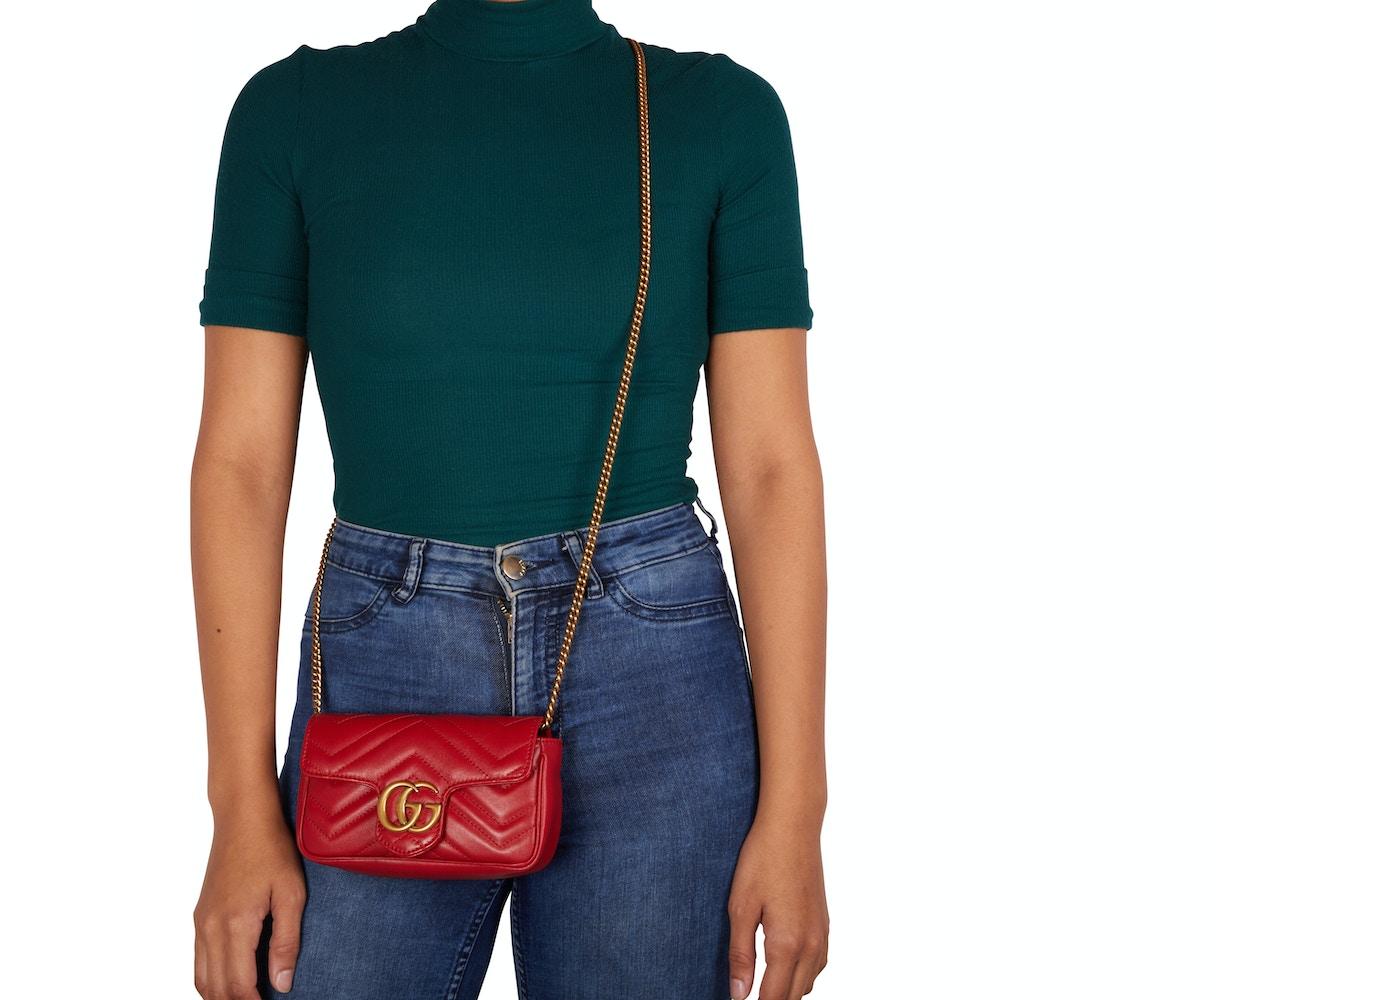 0d9638b90d178c Gucci Shoulder Bag Marmont Matelasse Super Mini Hibiscus Red